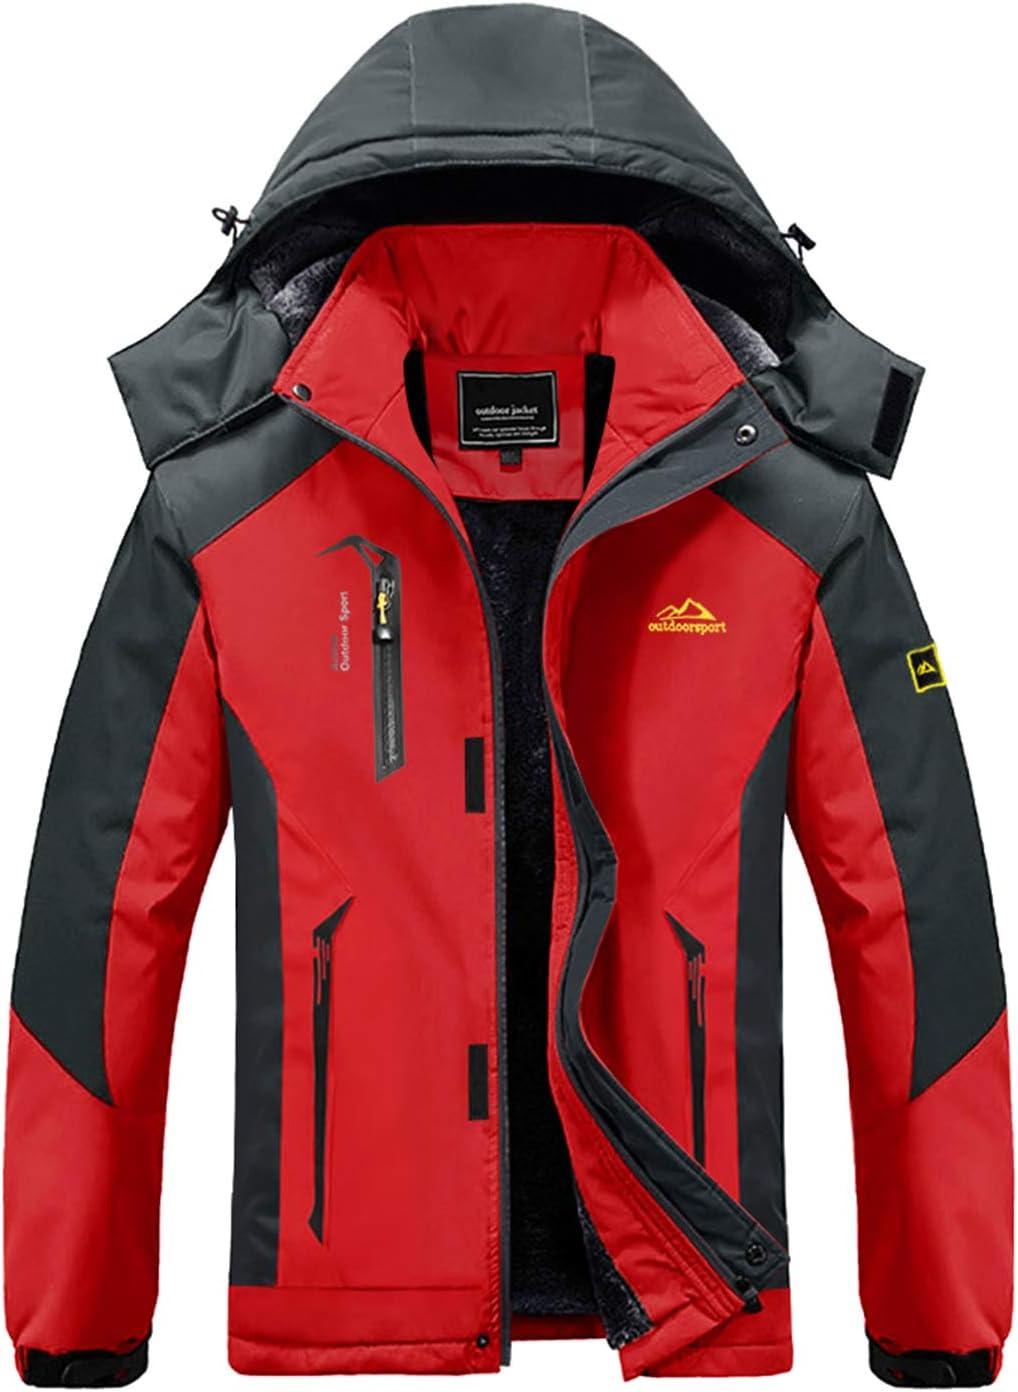 MAGCOMSEN Mens Outdoor Fleece Jacket Winter Waterproof Warm Ski Mountain Jackets with Hood